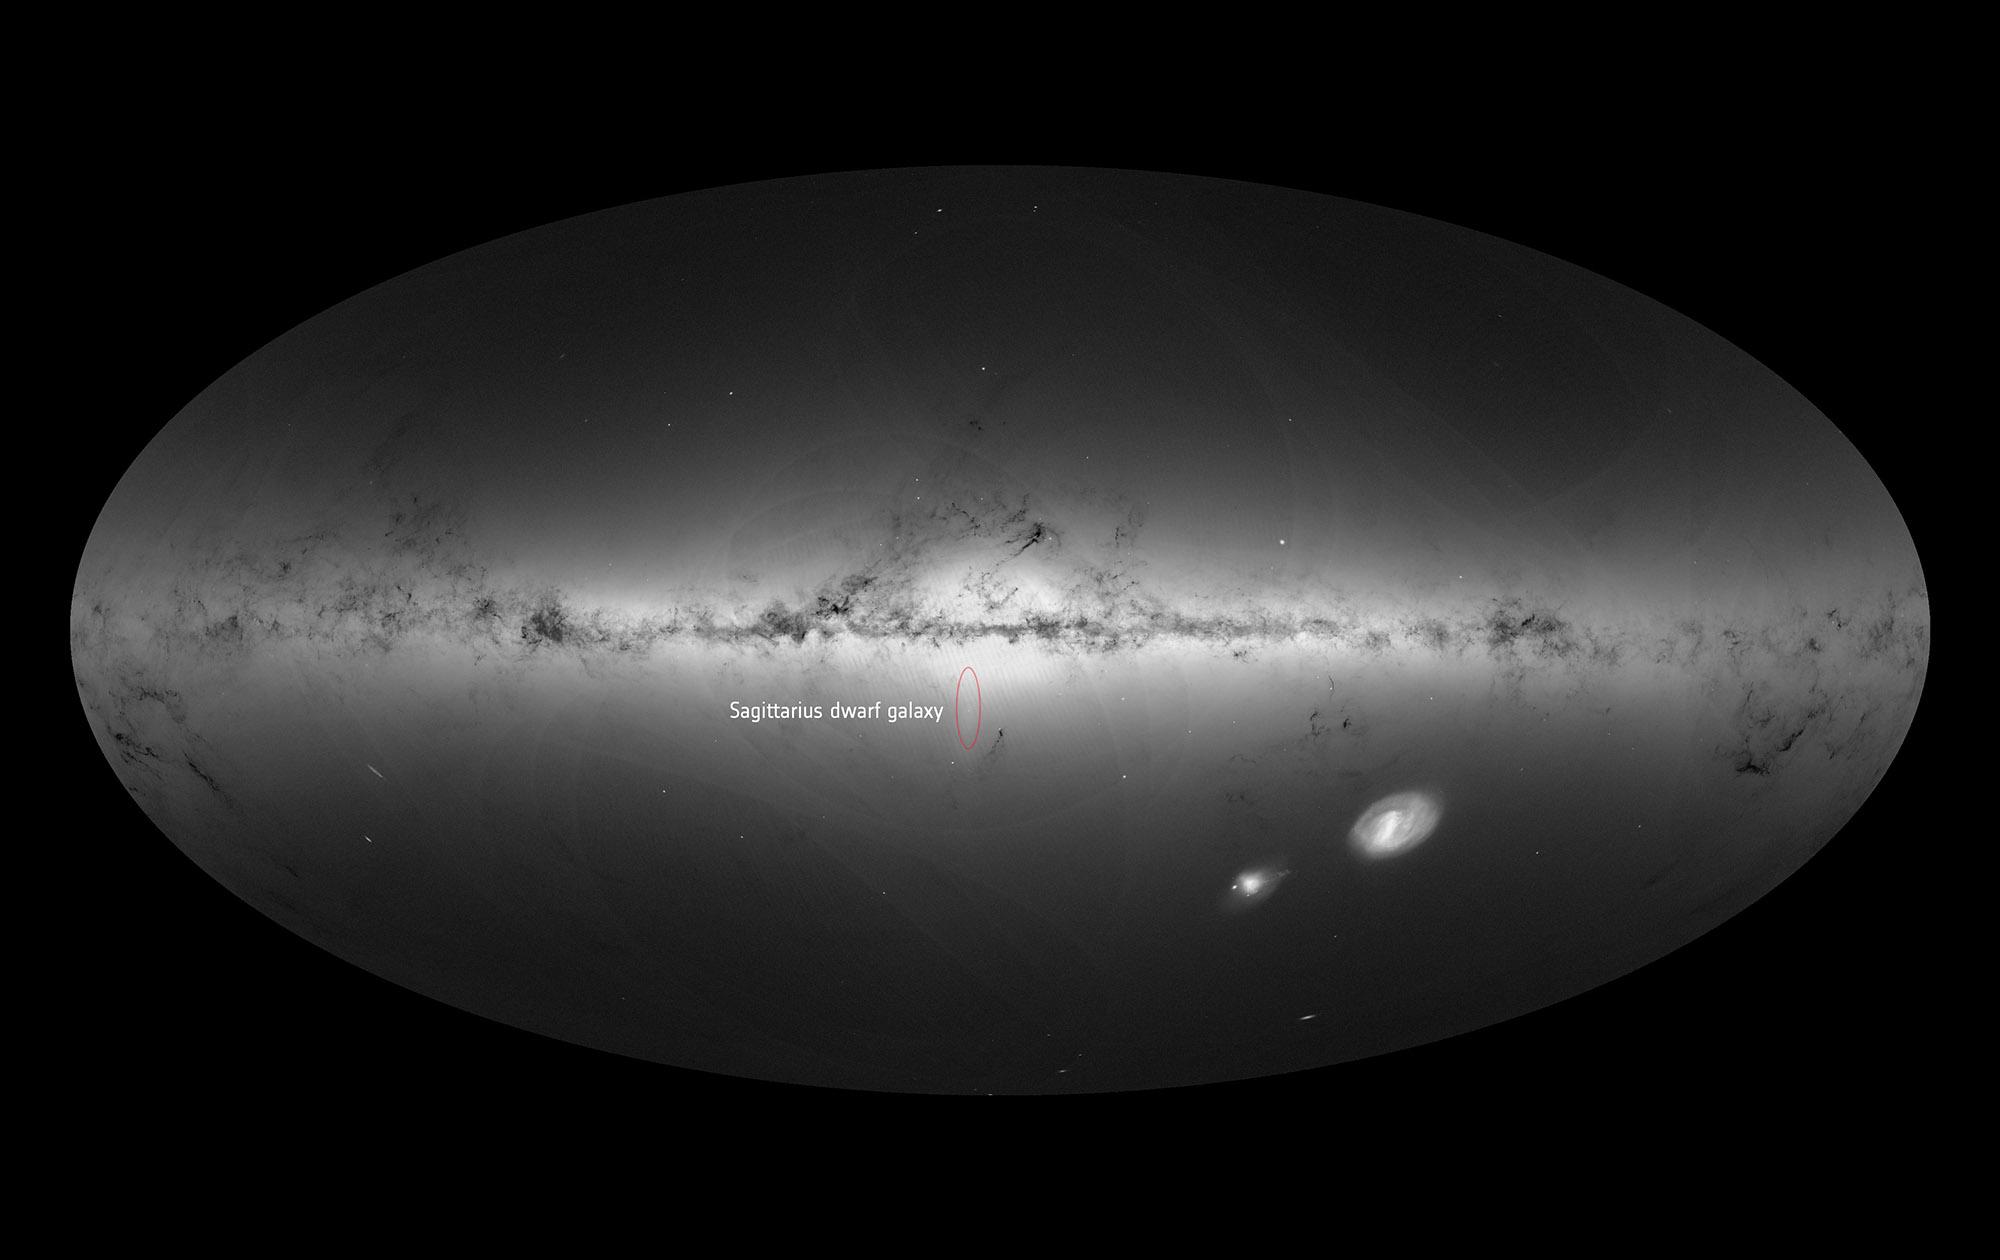 1567214014305-ESA_Gaia_Sagittarius_dwarf_galaxy_2k.jpg